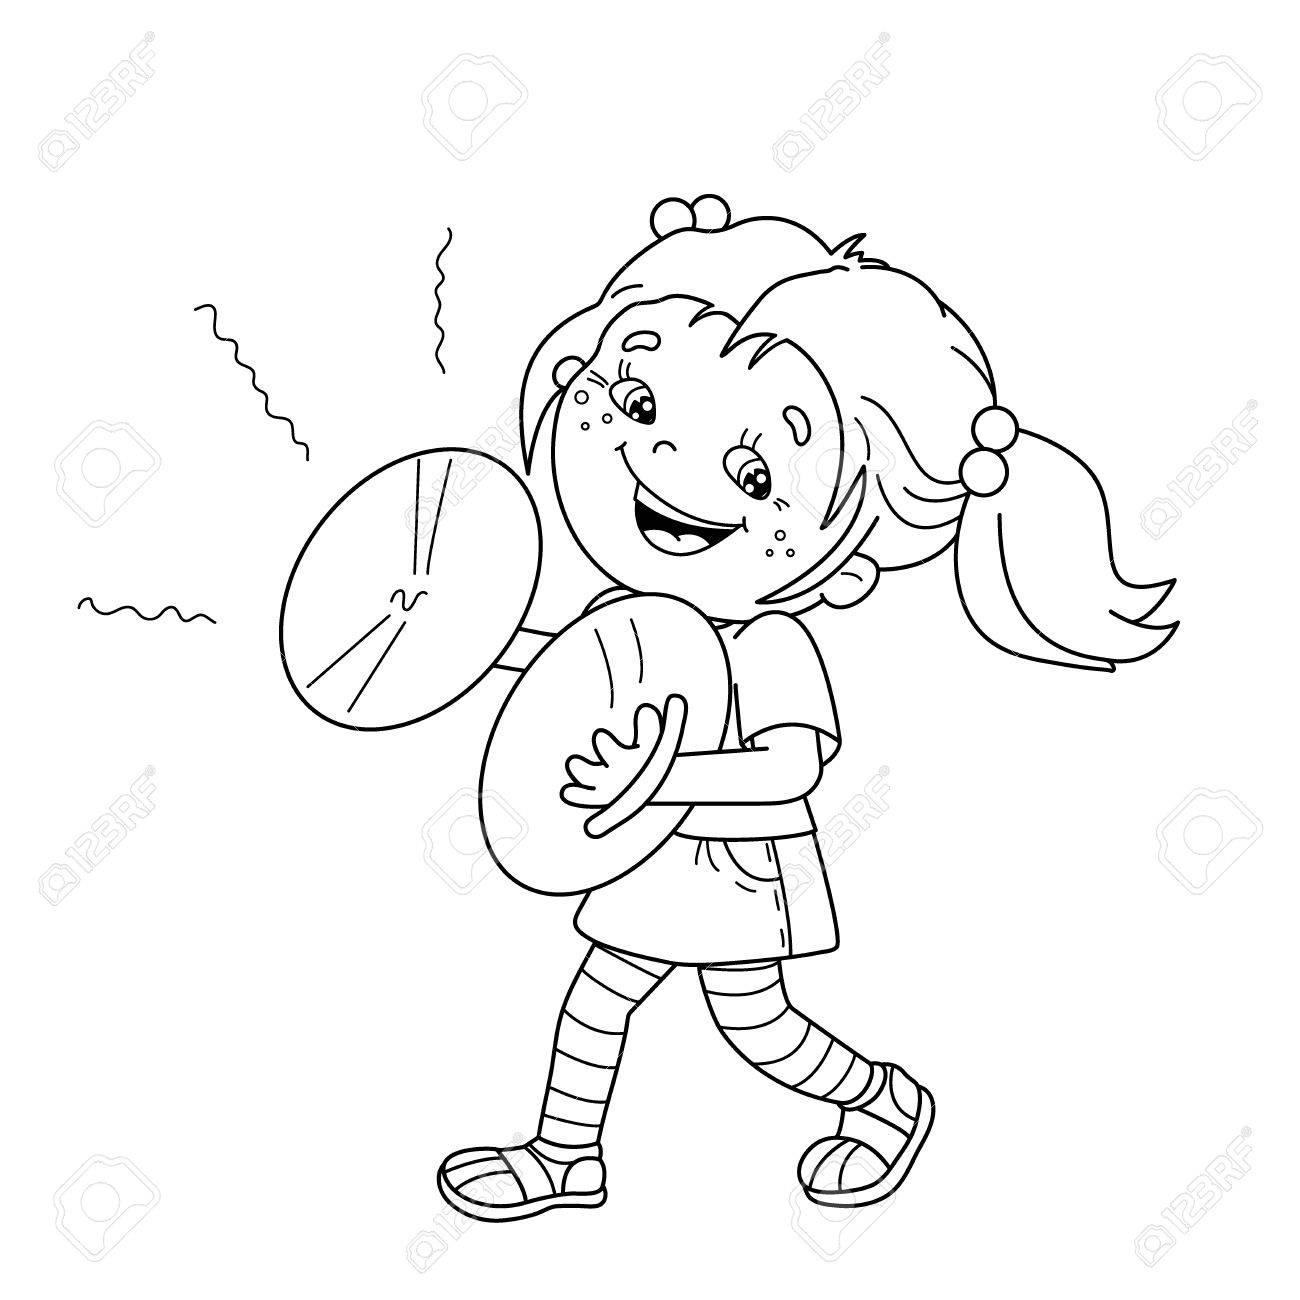 Página Para Colorear Esquema De Dibujos Animados Chica Tocando Los Platillos Instrumentos Musicales Libro De Colorear Para Niños